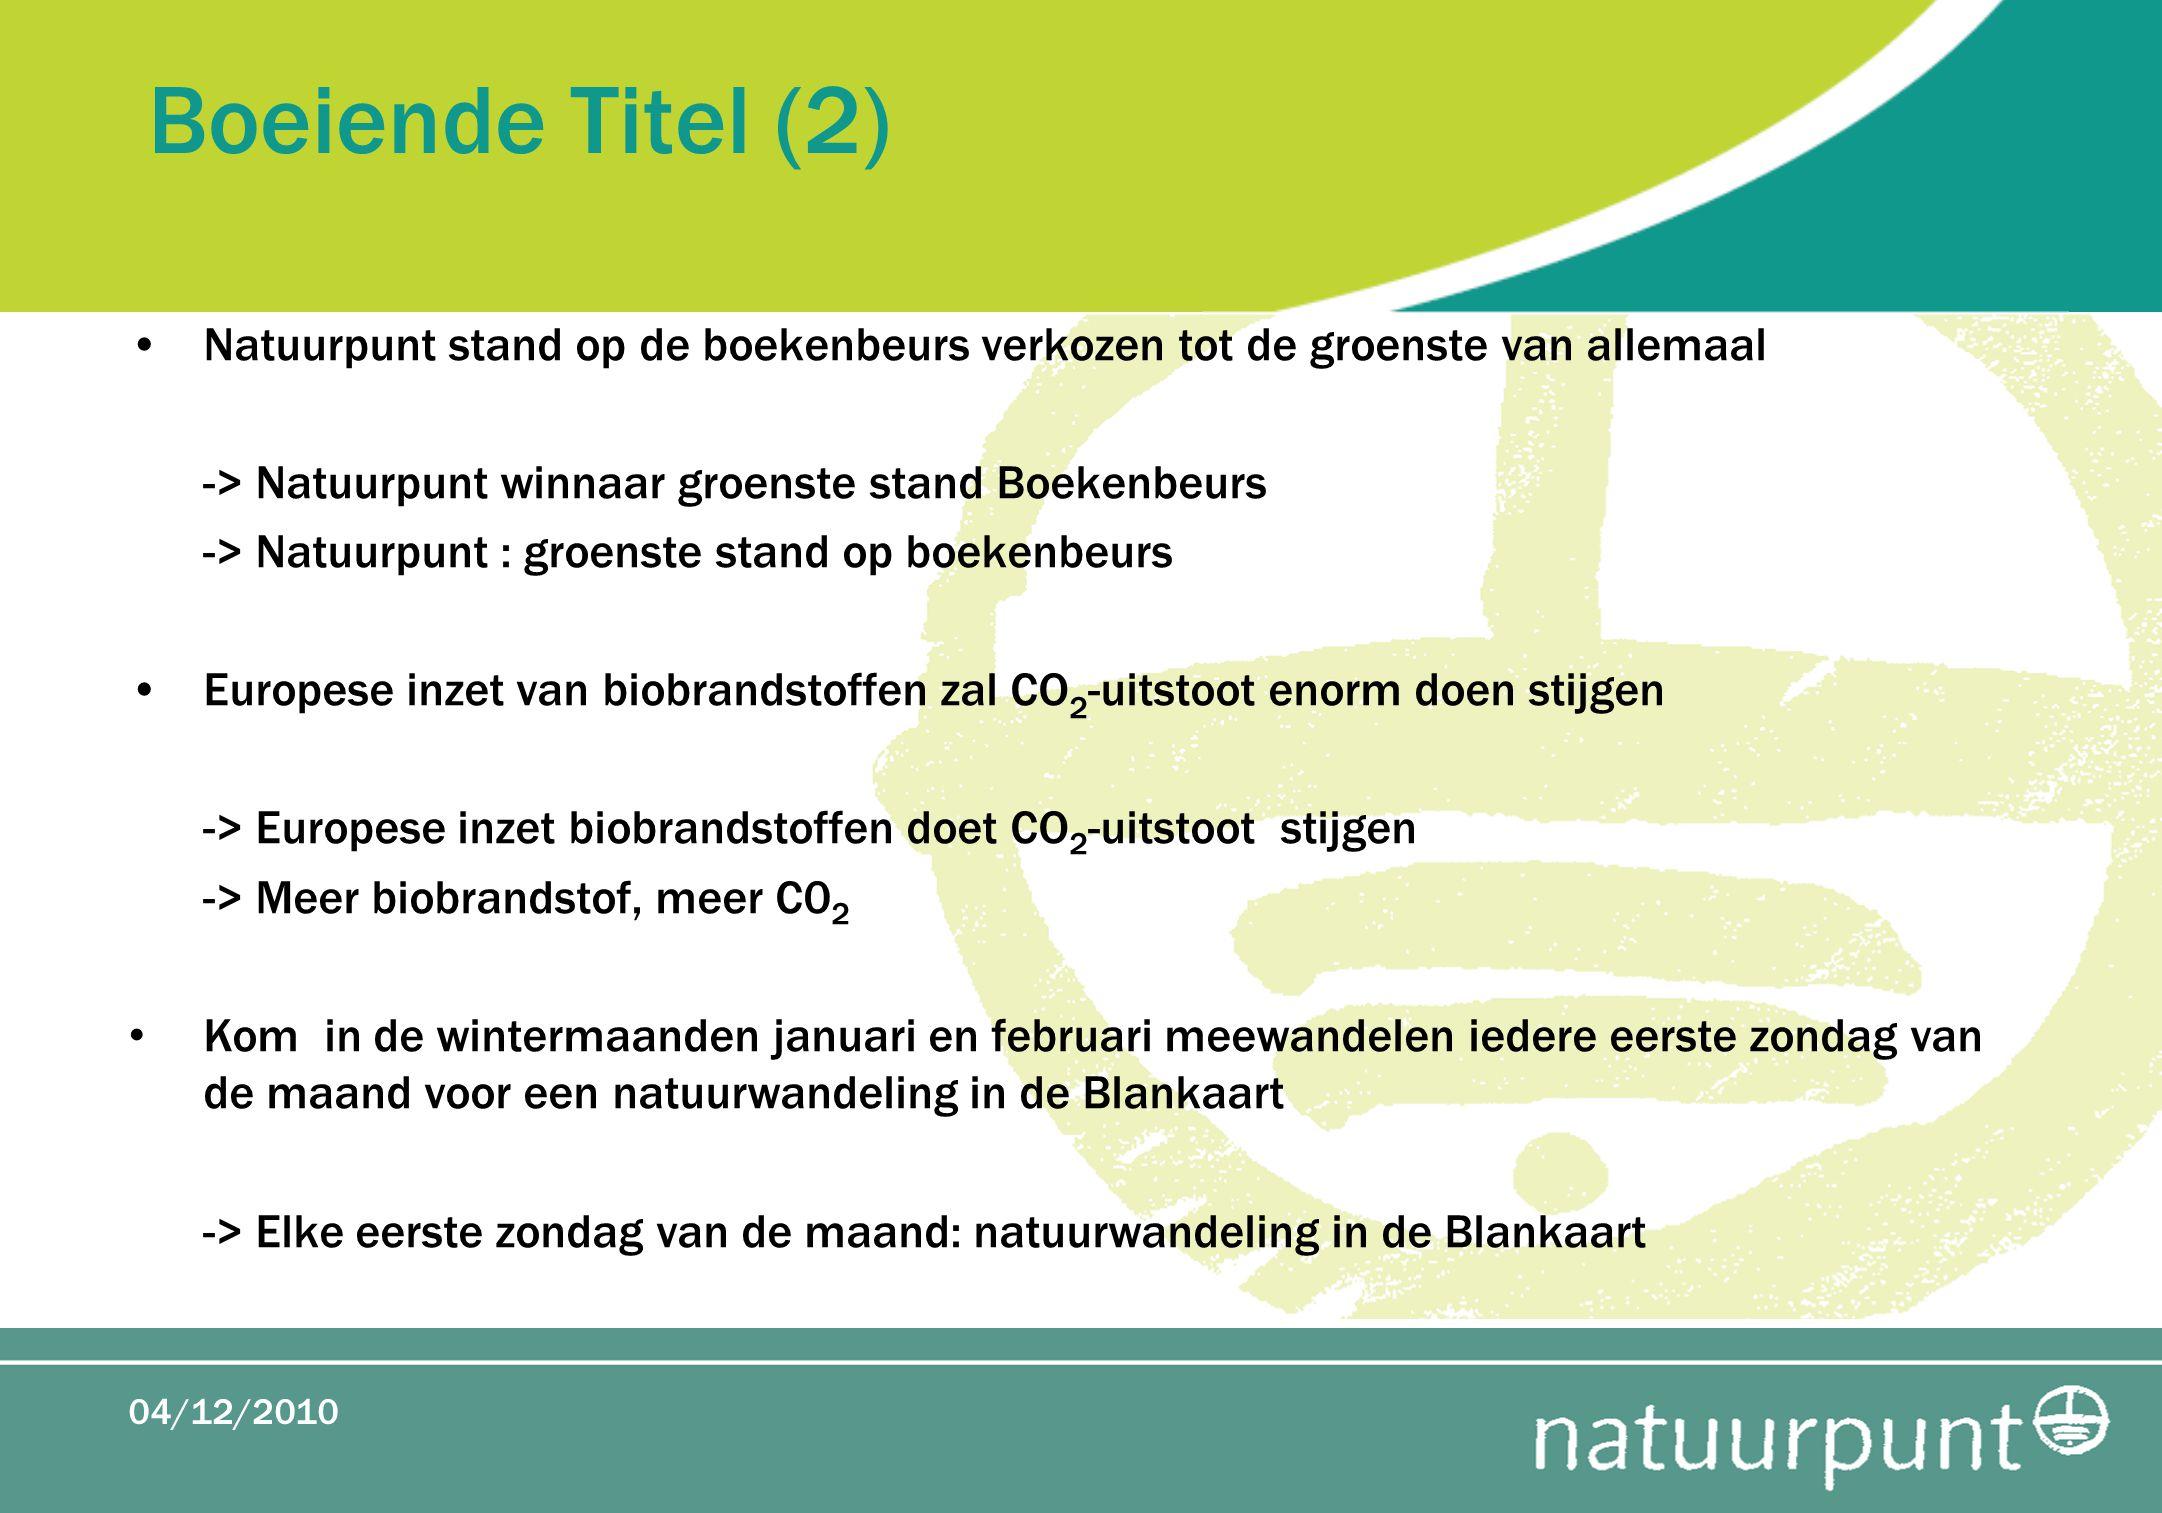 Boeiende Titel (2) Natuurpunt stand op de boekenbeurs verkozen tot de groenste van allemaal. -> Natuurpunt winnaar groenste stand Boekenbeurs.